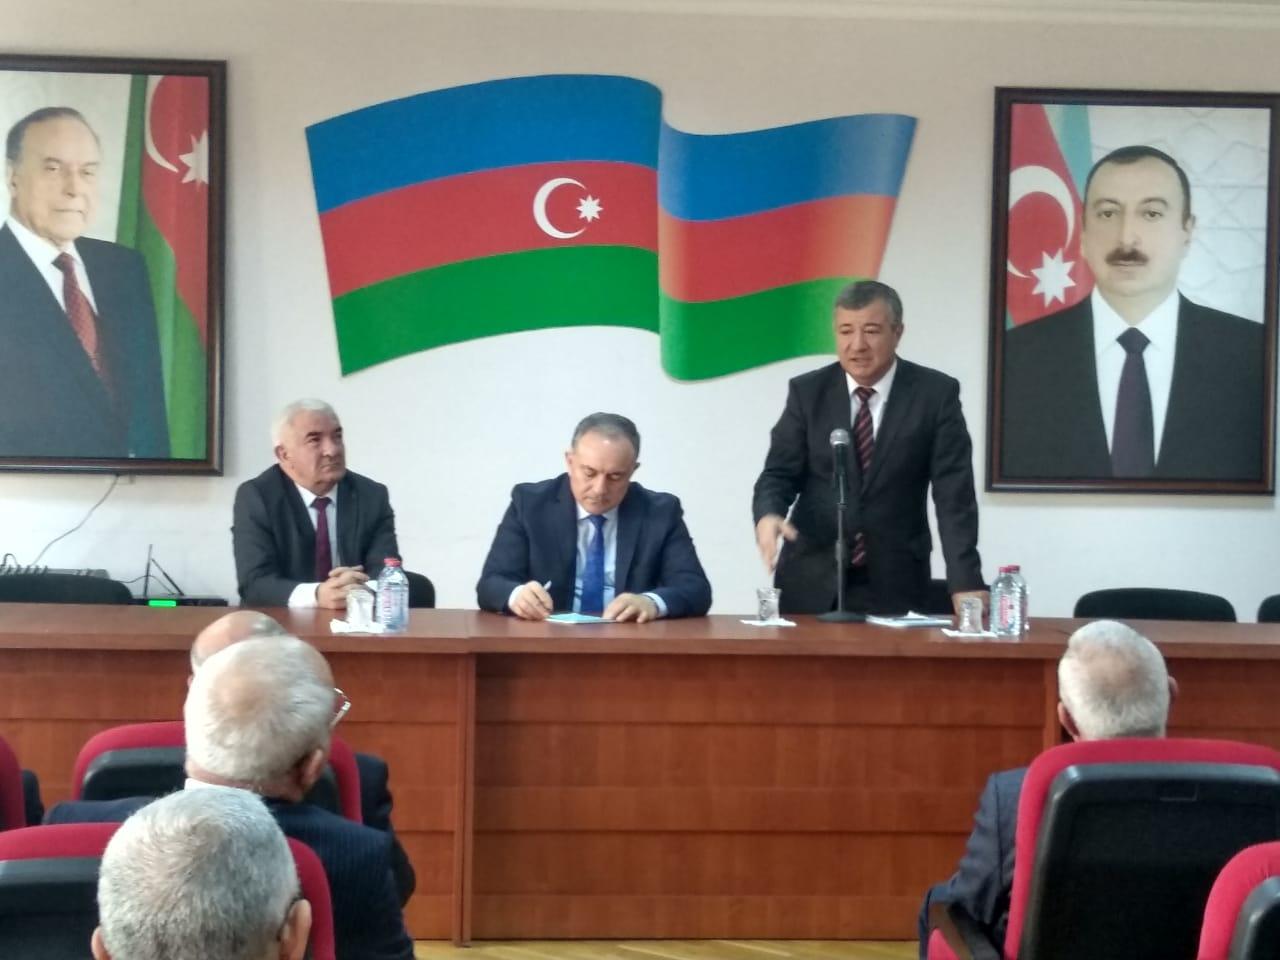 Azərbaycan Texniki Universitetinin nəzdində Bakı Texniki Kollecinin yeni direktoru təyin olundu.